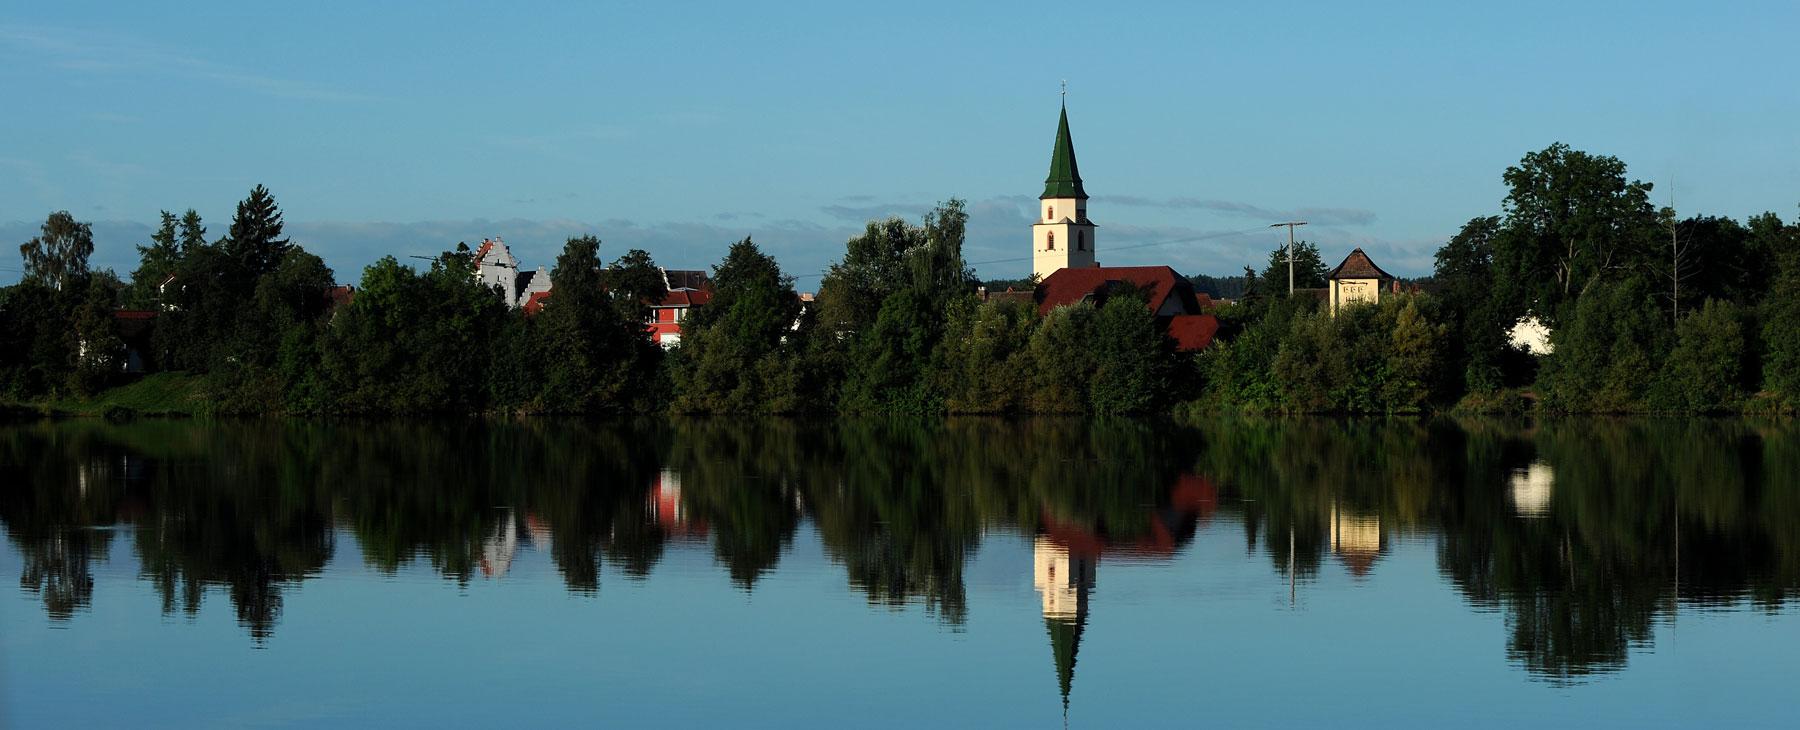 Kofenweiher mit Kirche im Hintergrund